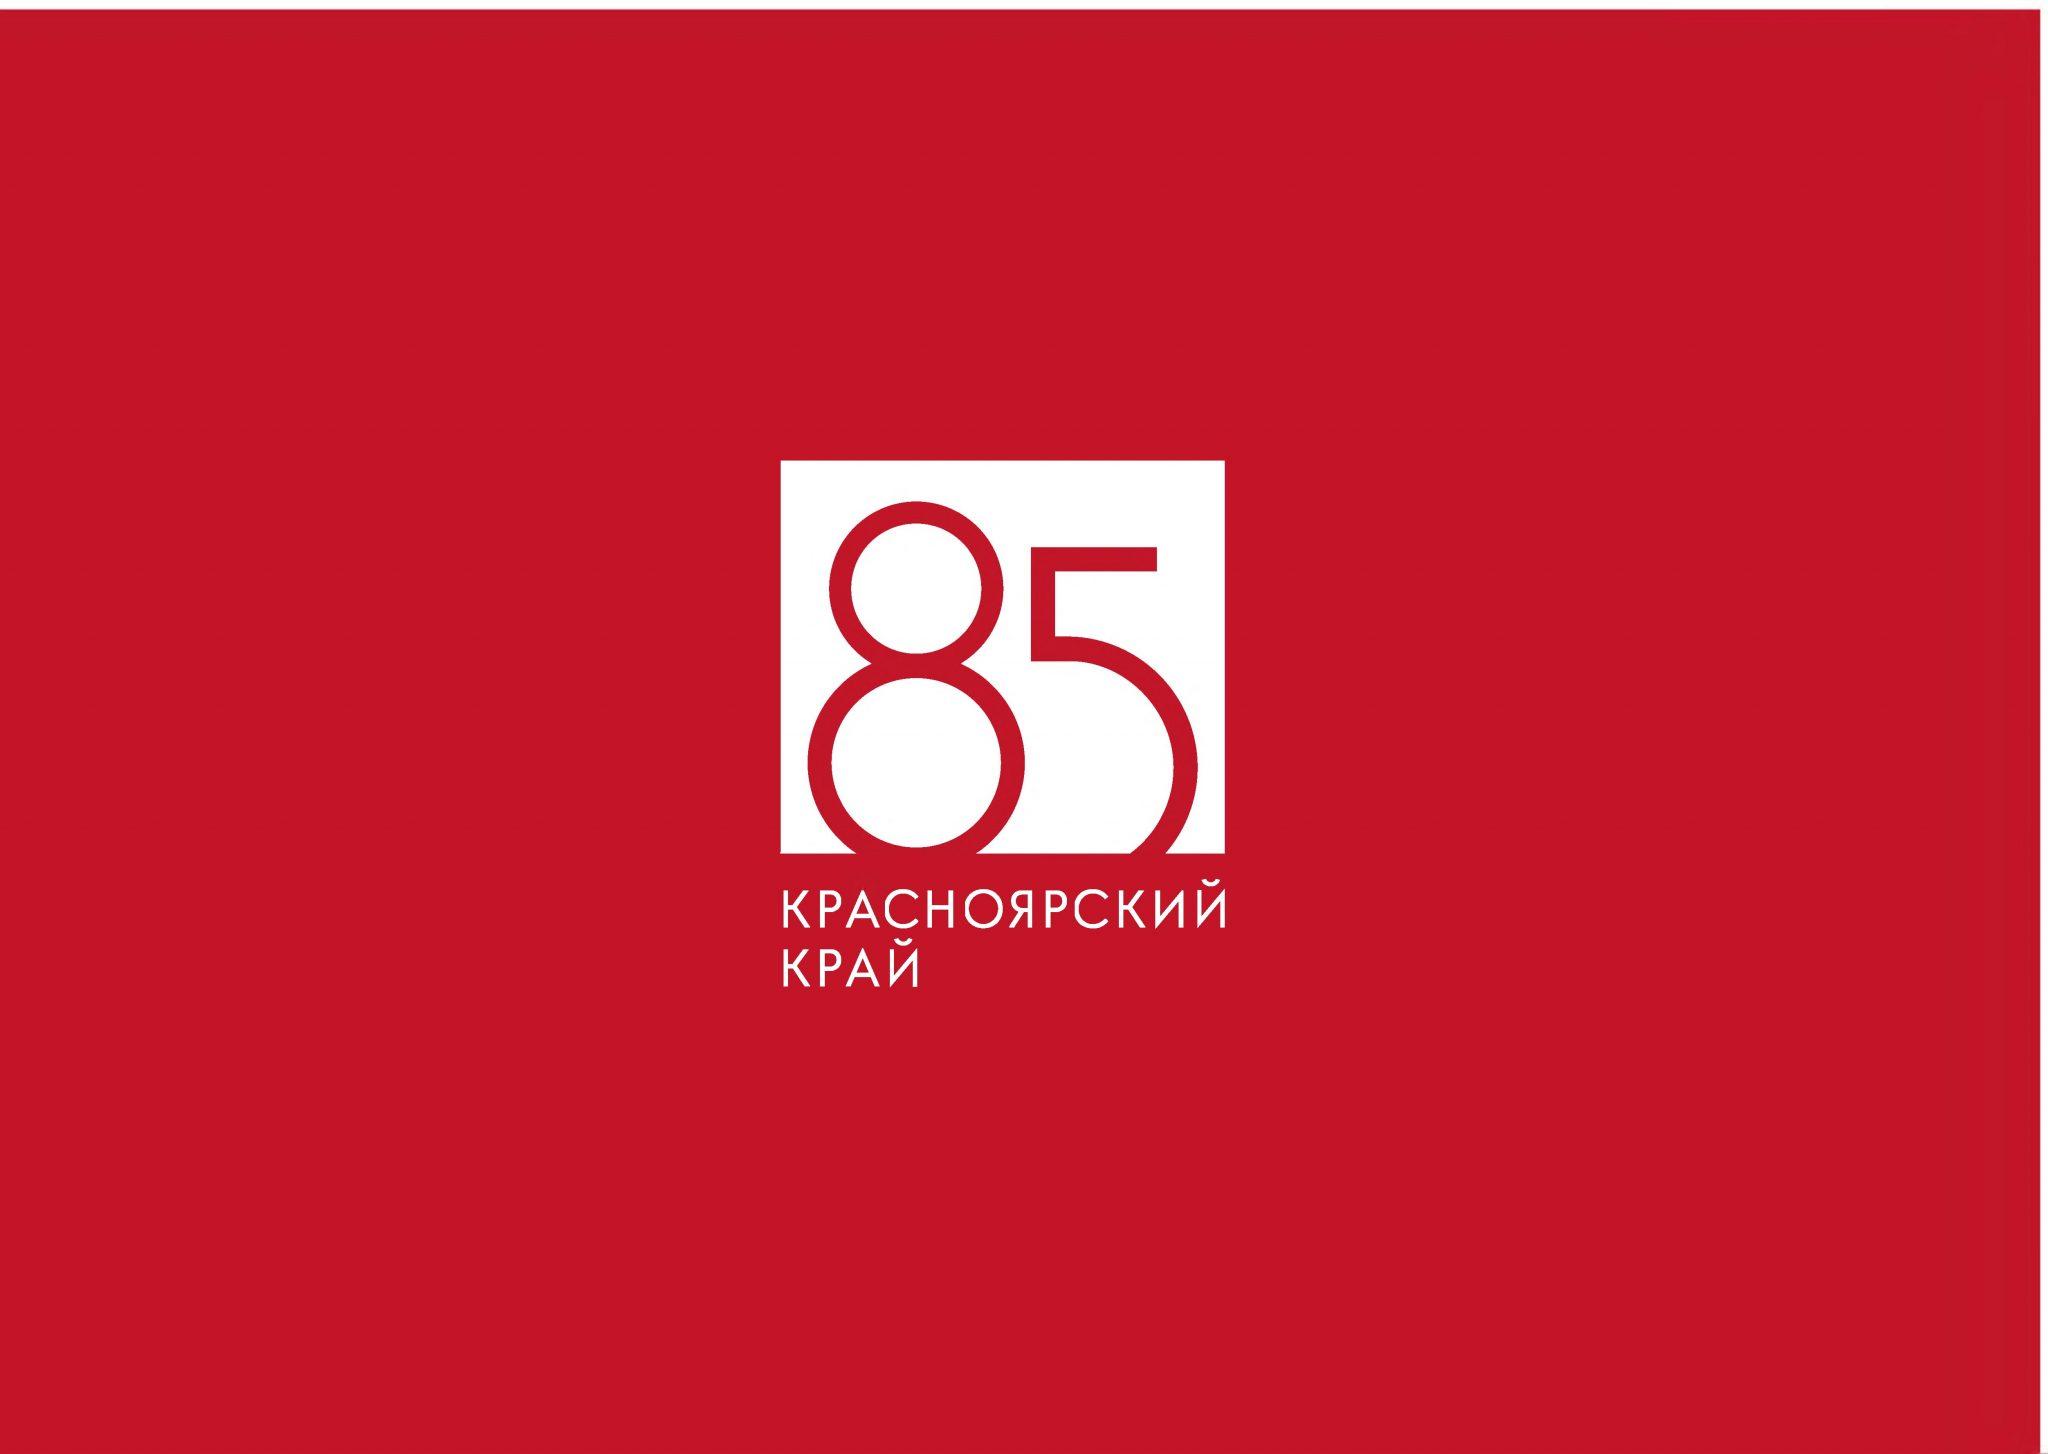 85 лет Красноярскому краю